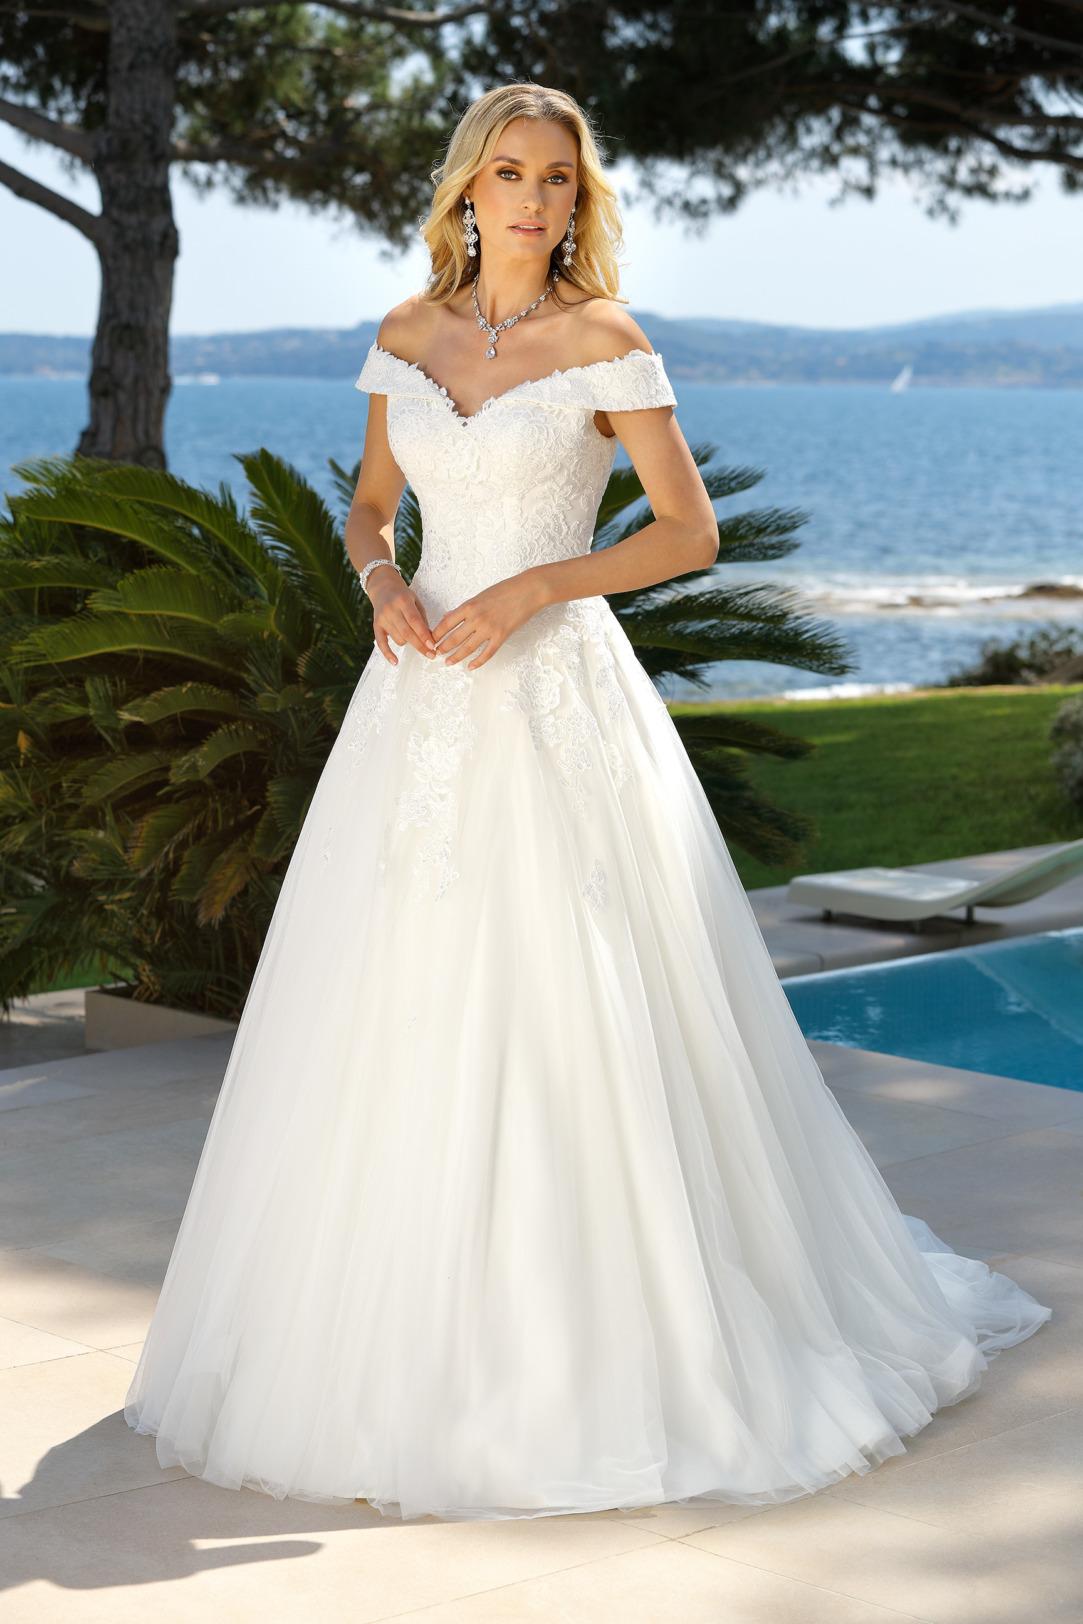 Brautkleider Hochzeitskleider Ladybird aufwendiger Prinzessinnenstil Stil Style Form Carmen-Ausschnitt Applikationen aus Spitze Strass Glitzer lange Schleppe weiter Tüll Rock